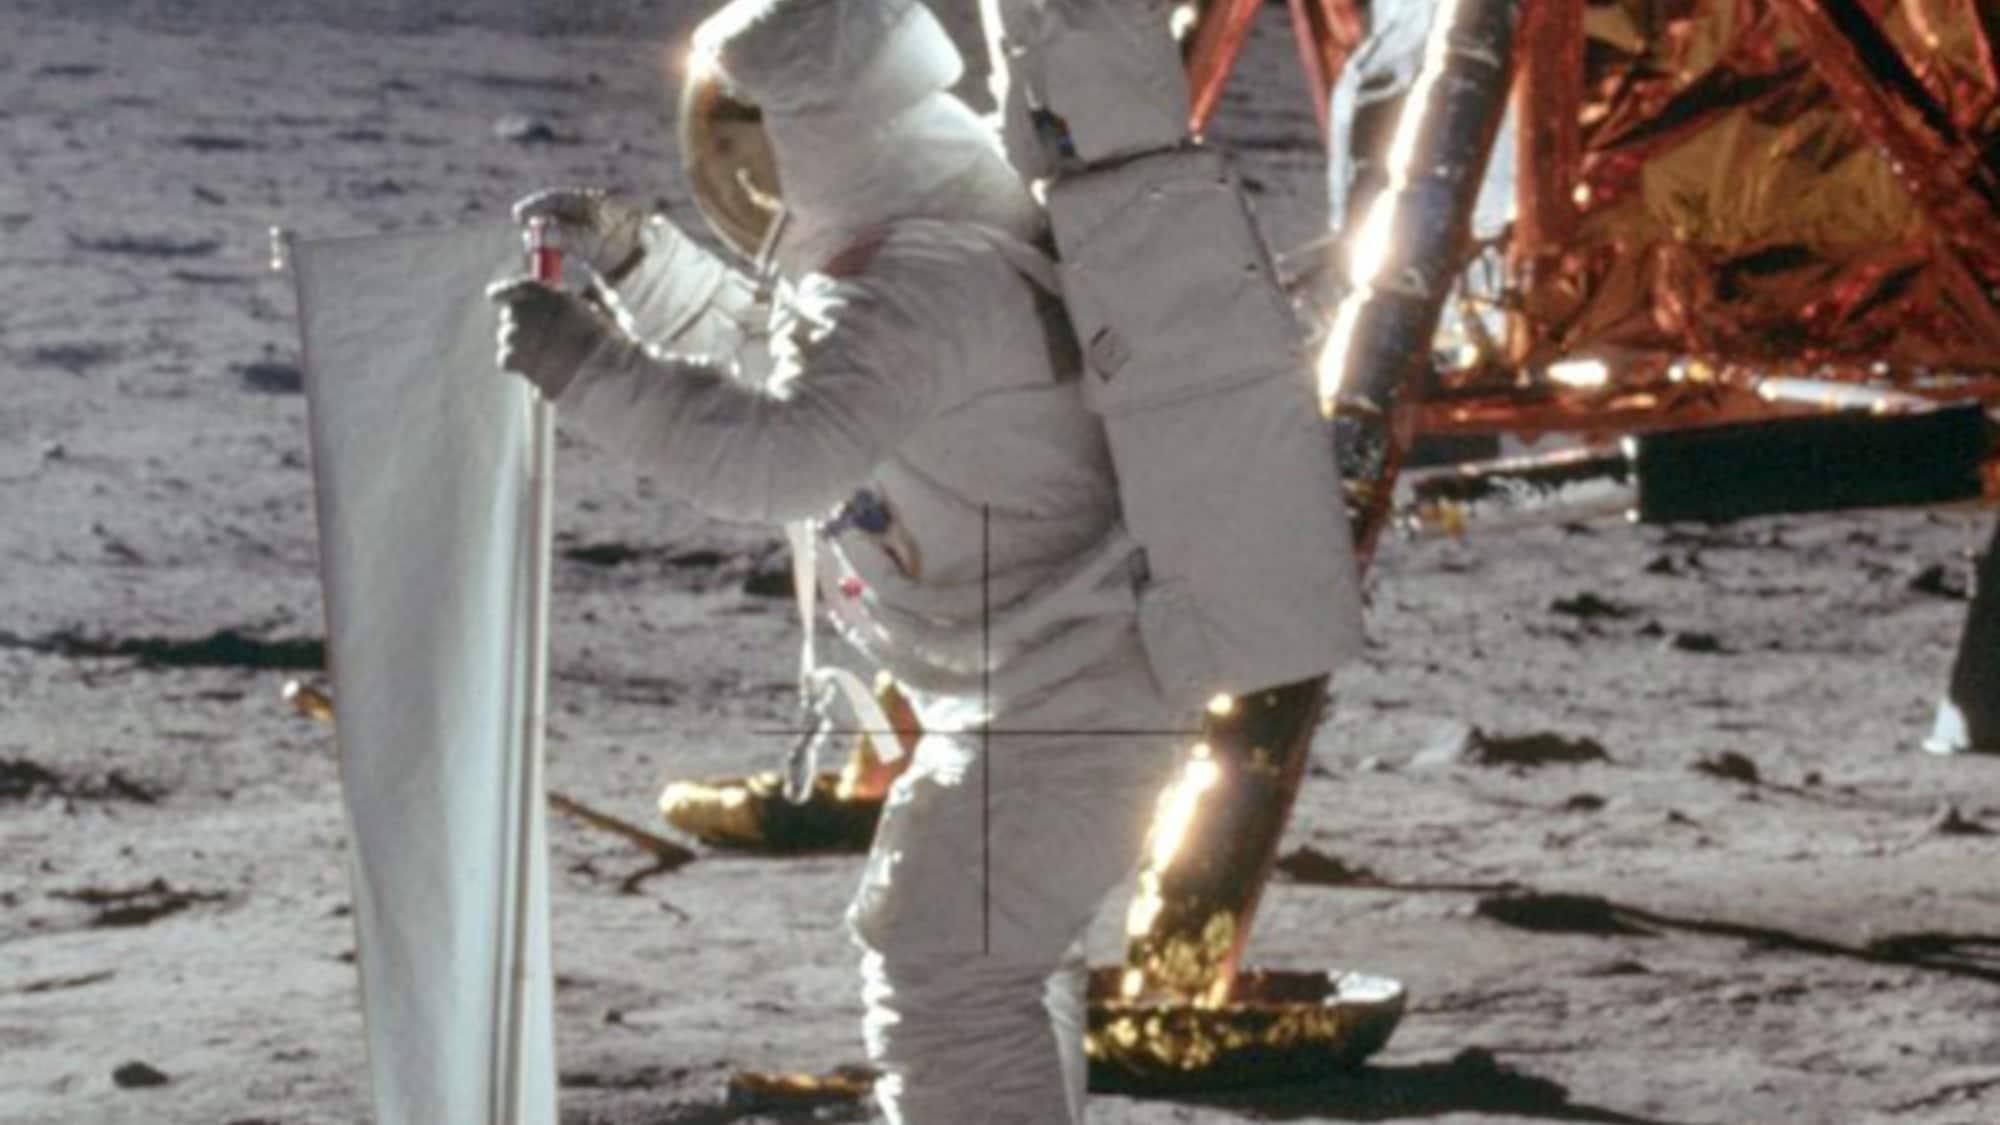 Berner Sonnensegel schlägt Ami-Flagge: So viel Schweiz steckt in der Mondlandung